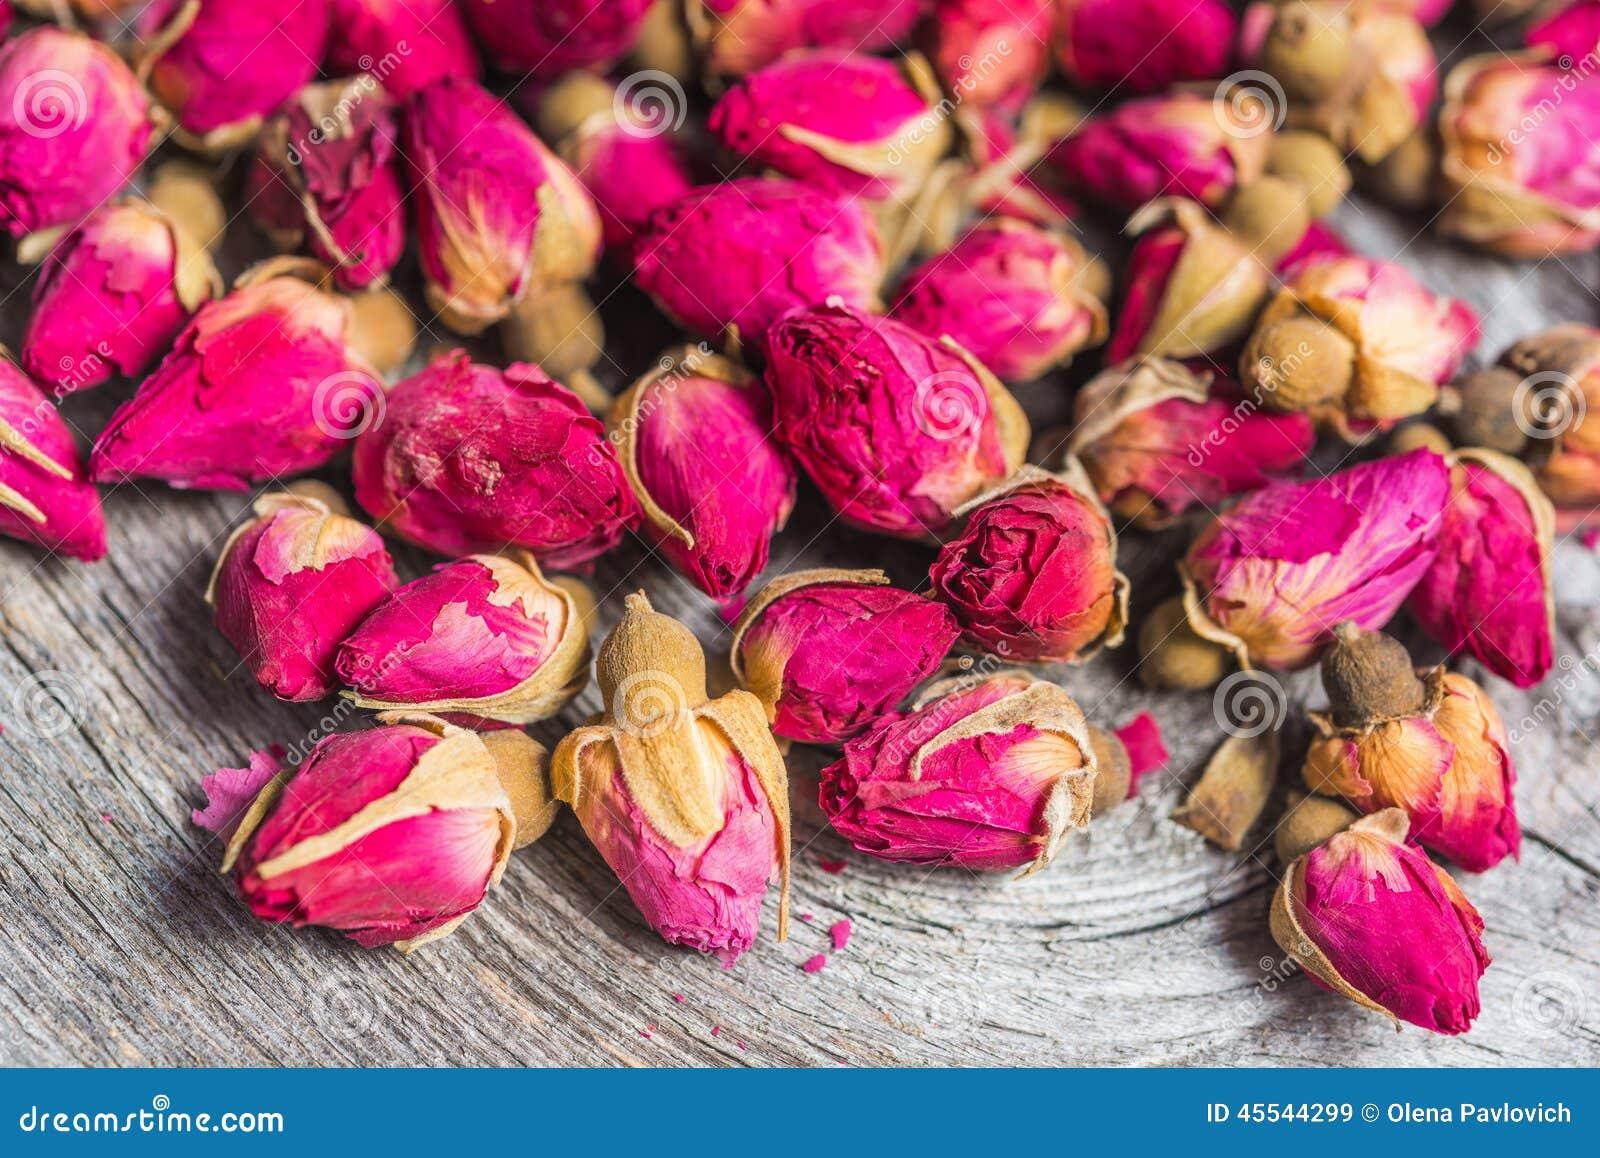 干玫瑰色_干在老木背景的茶玫瑰色芽.